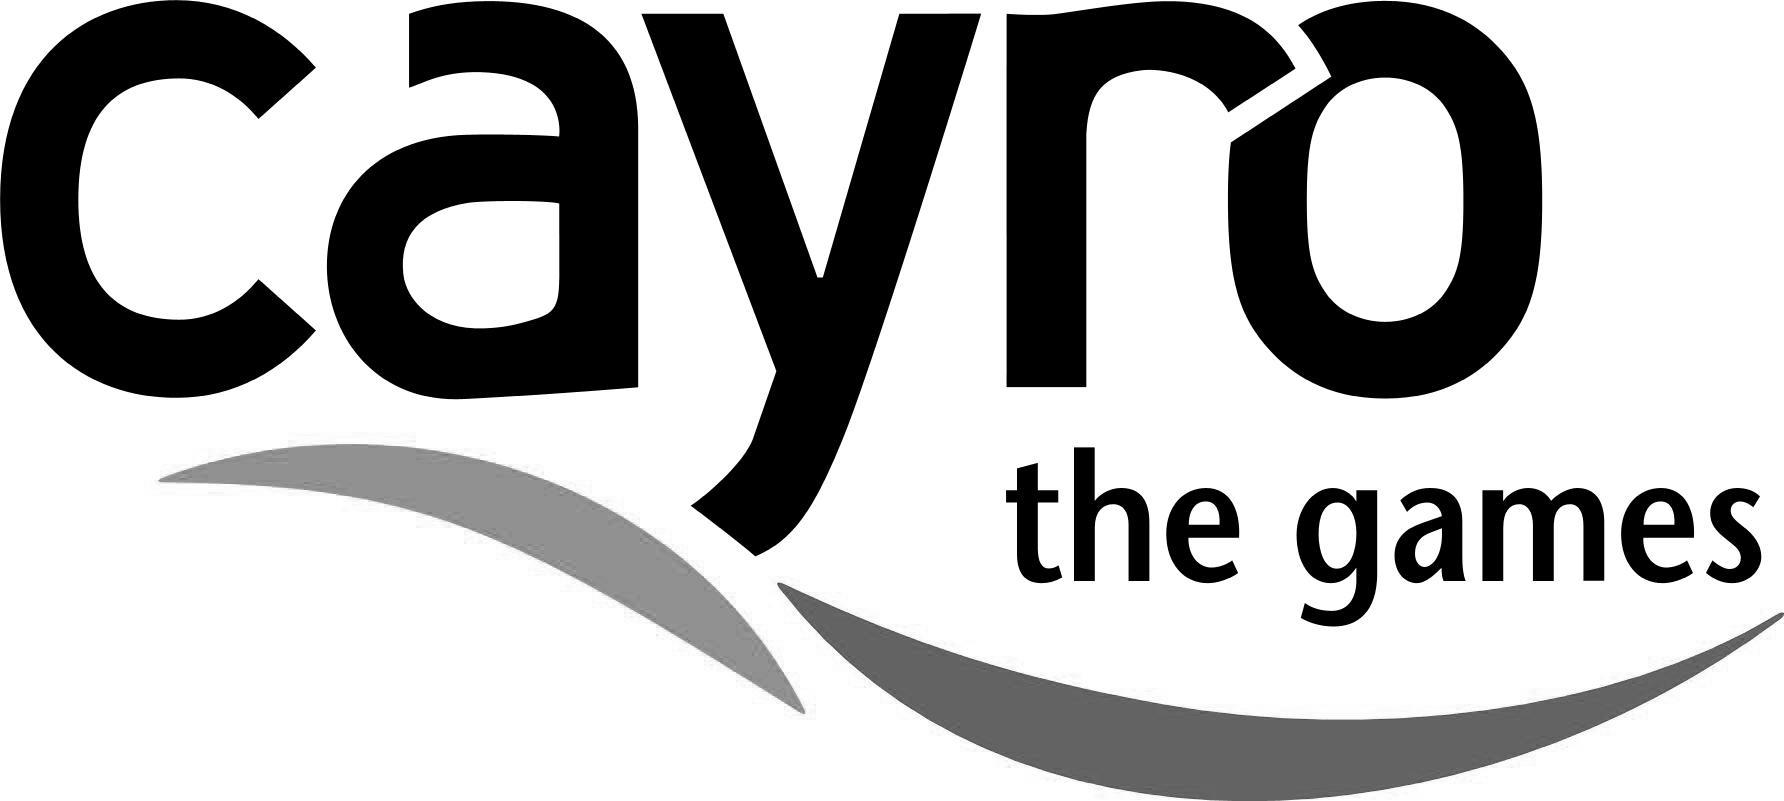 Logo Juguetes Cayro